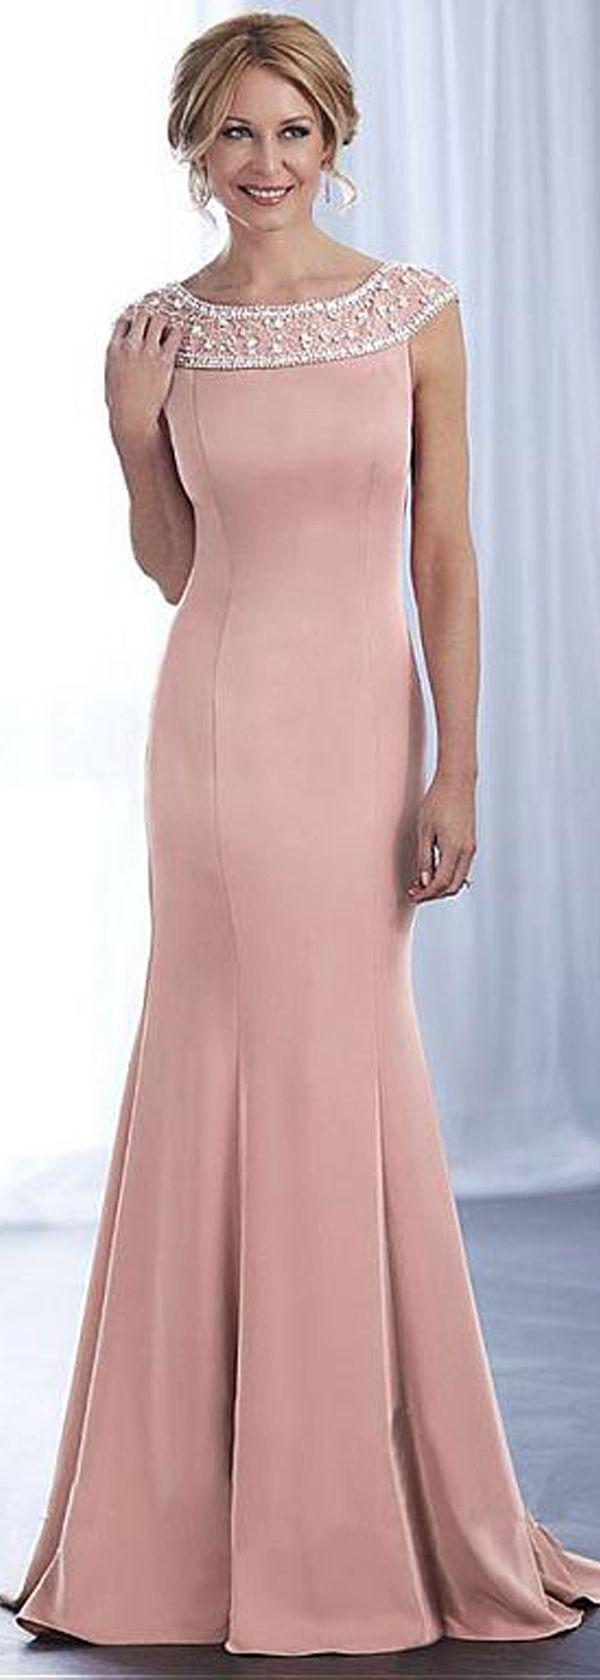 959 best VESTIDOS GLAMOUR images on Pinterest | Ball dresses, Grad ...